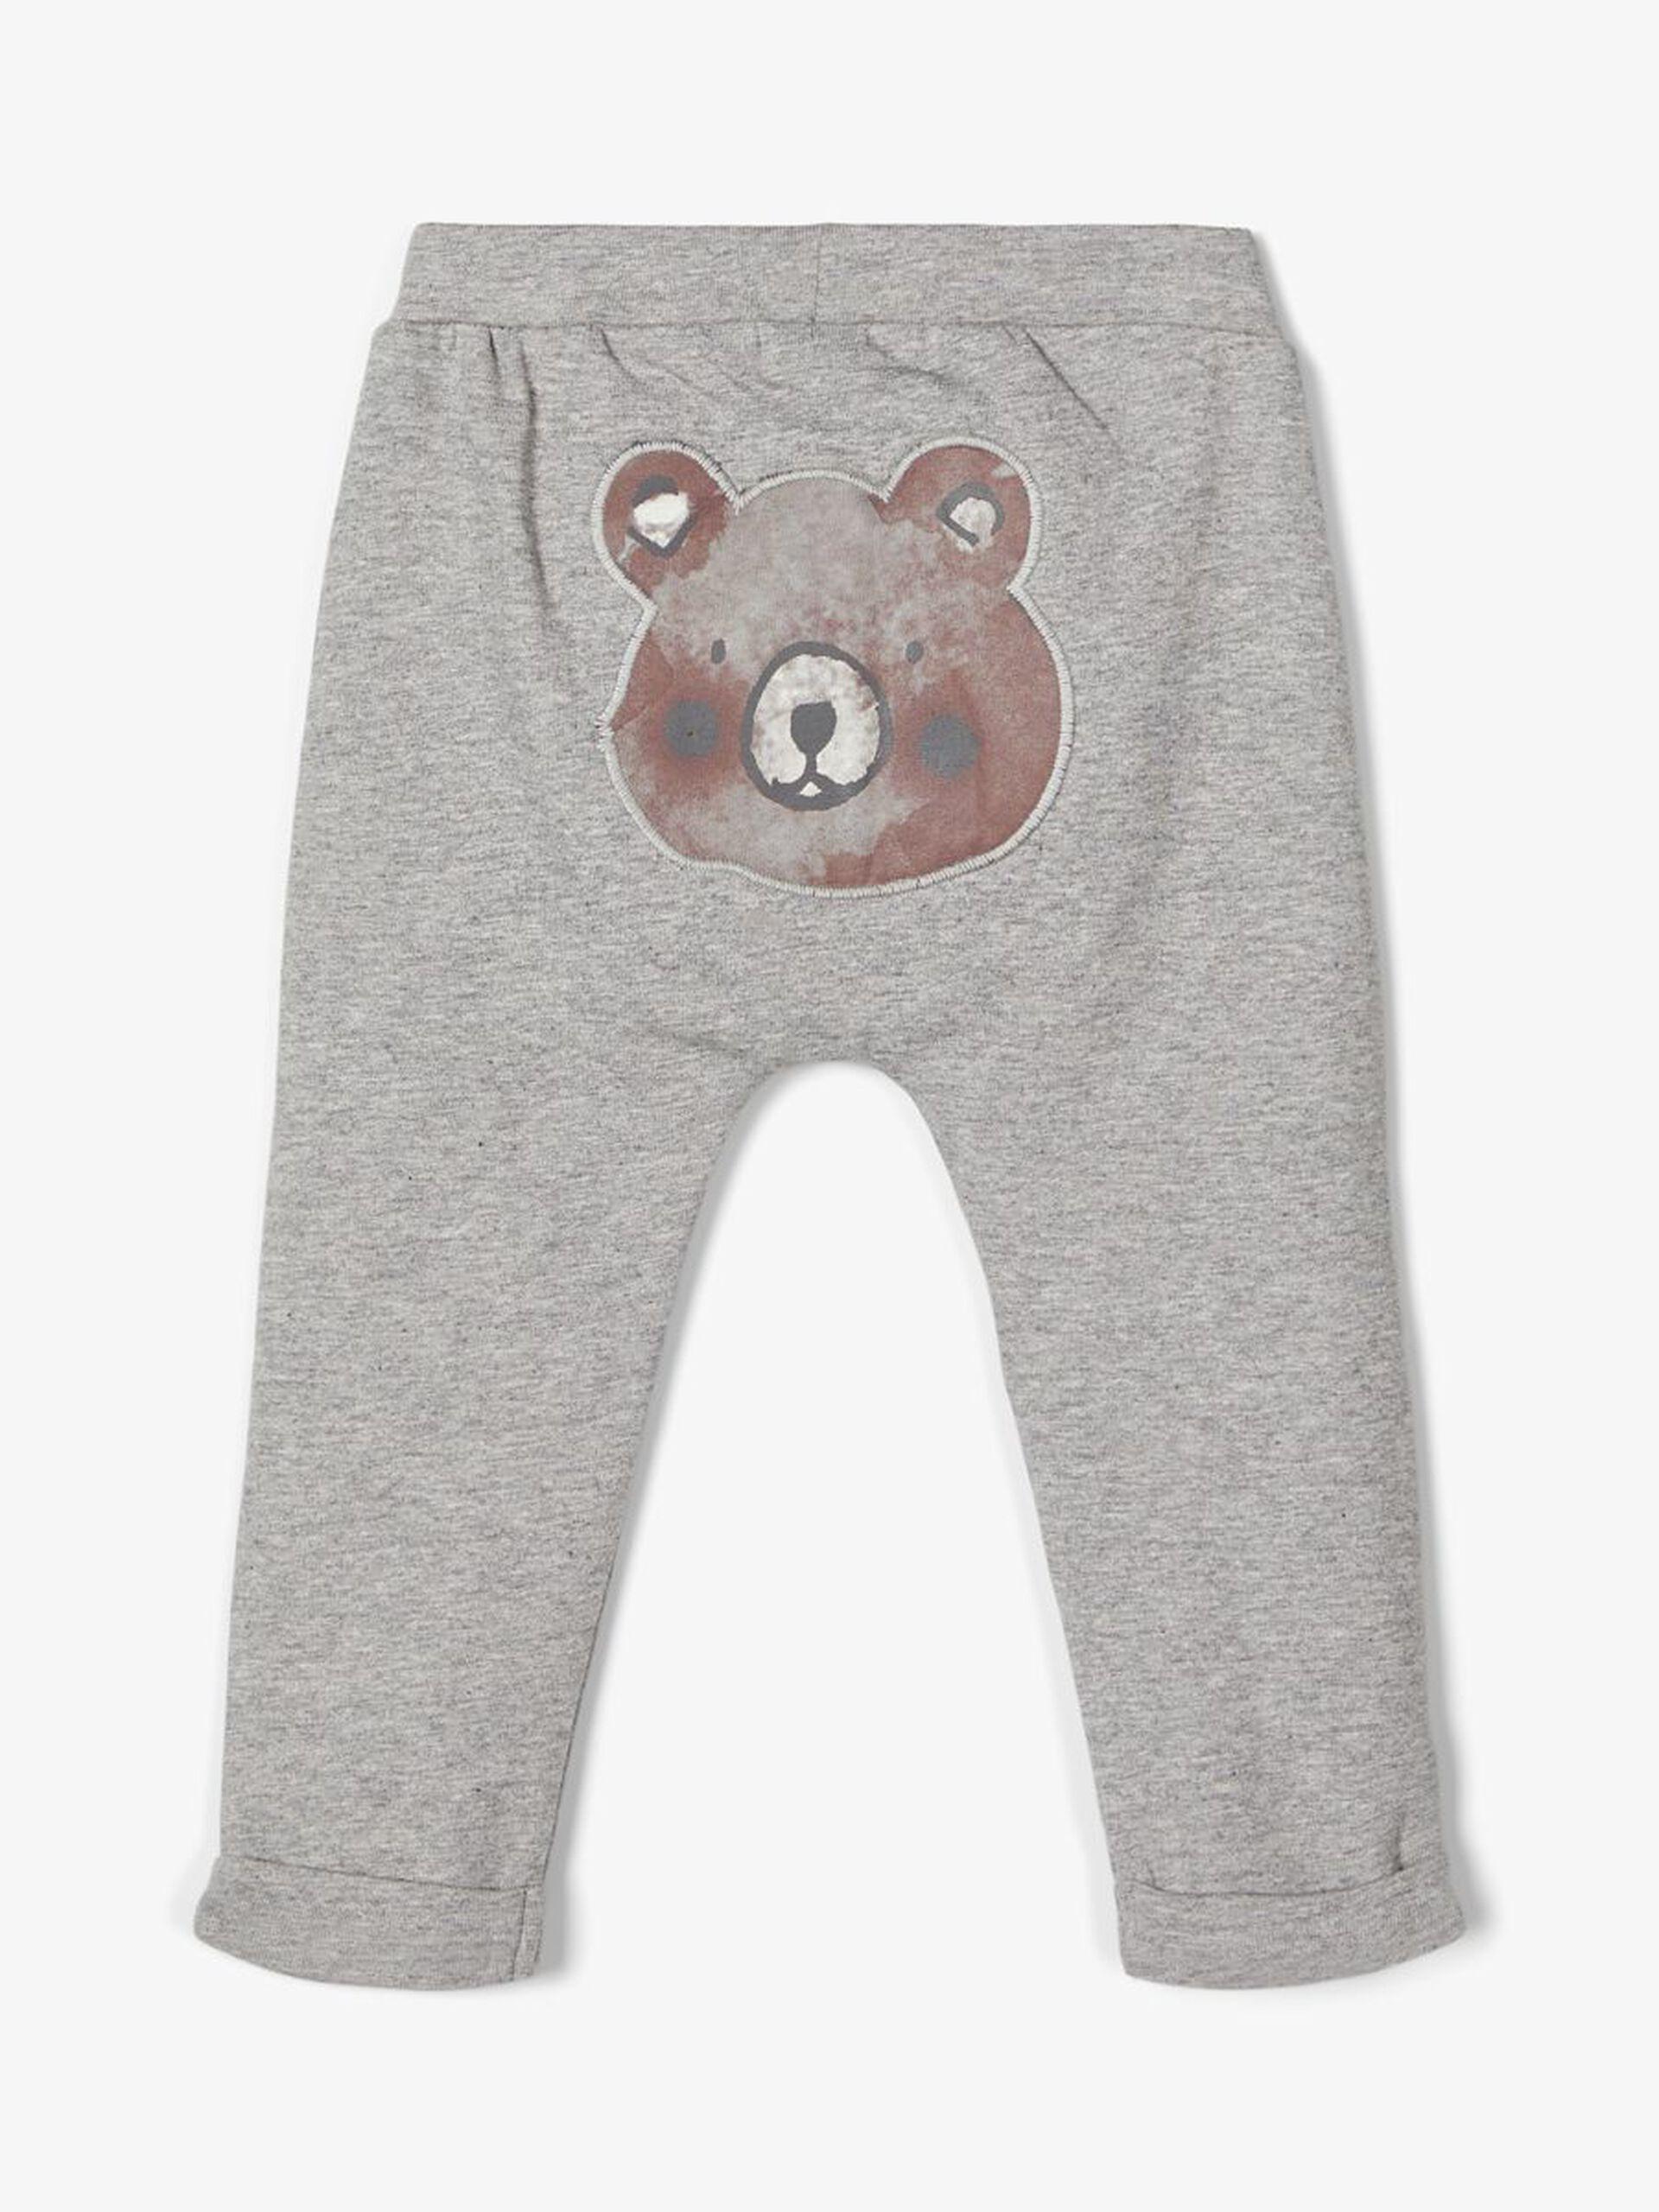 Grå bukse med bamse – Name It grå bukse med bamse bak! – Mio Trend